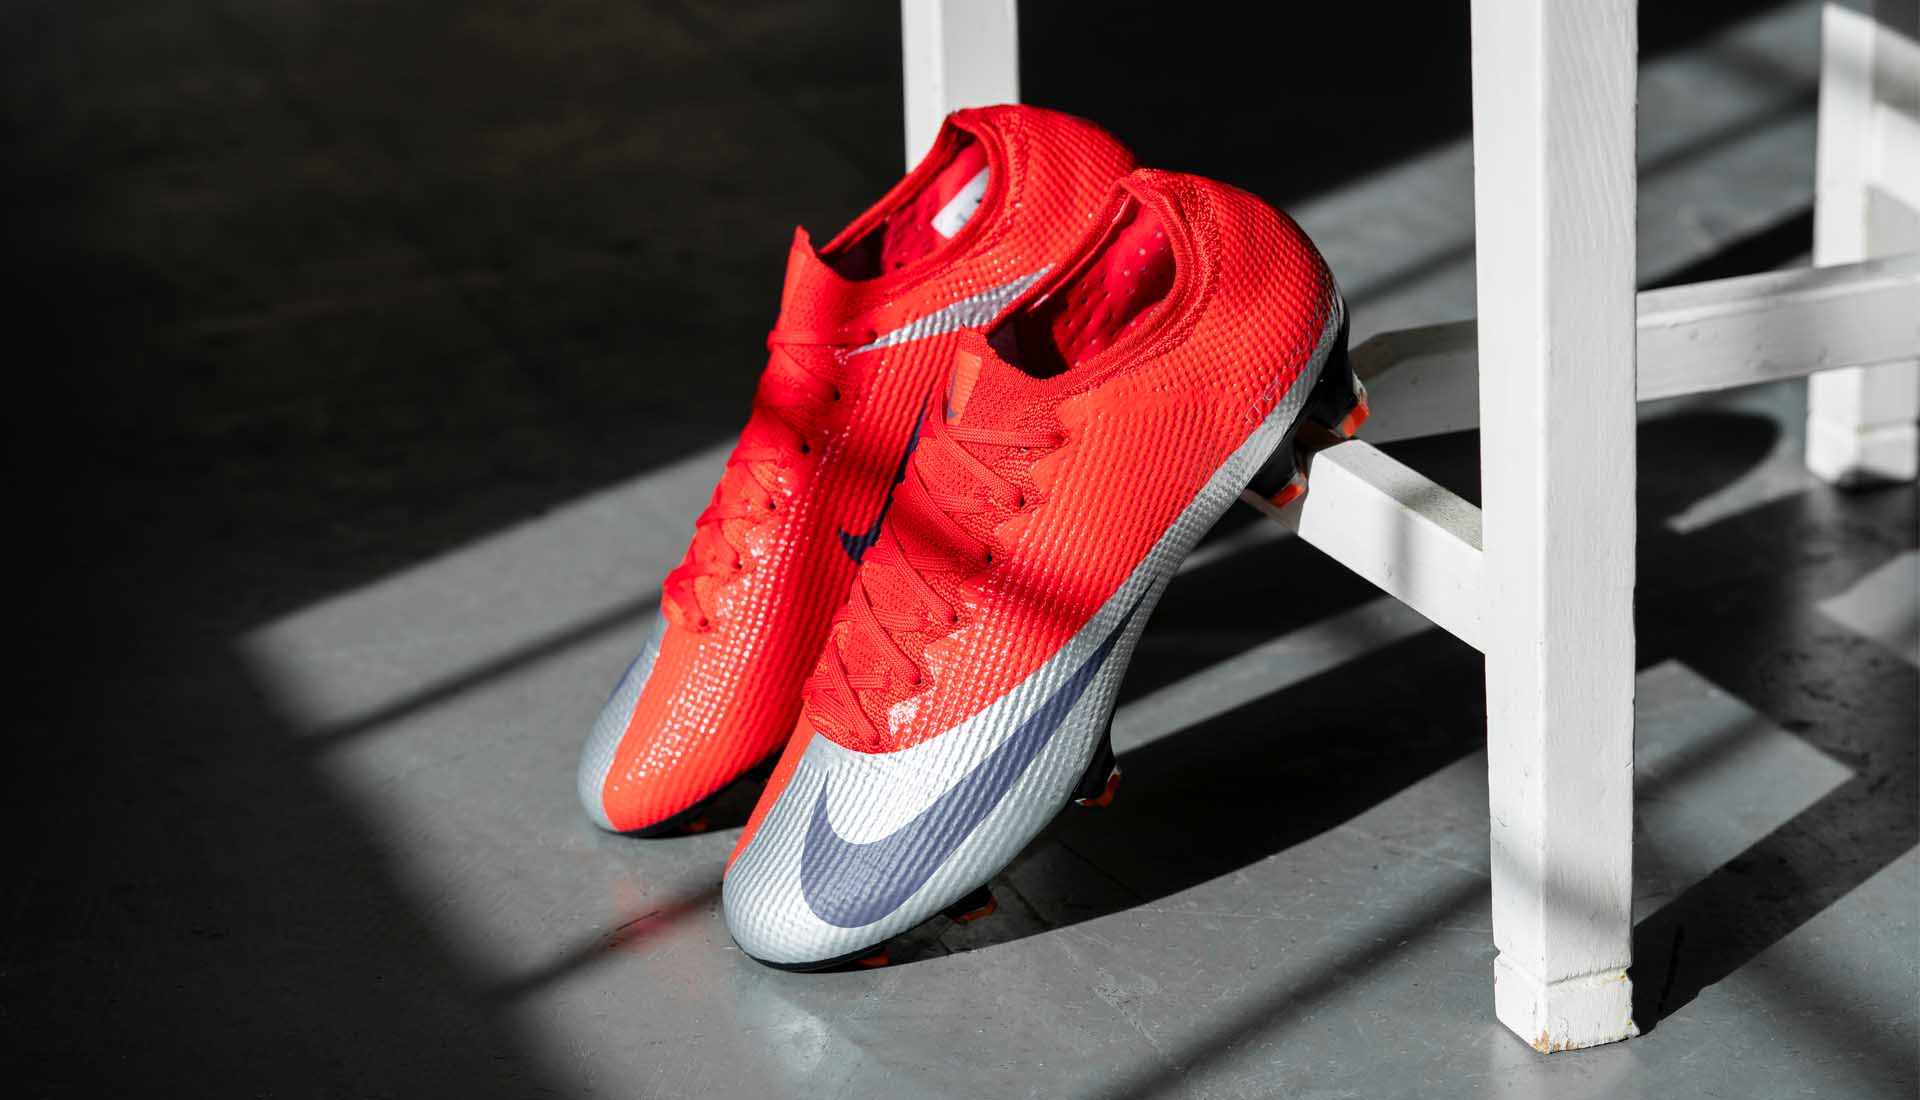 Giày đá bóng Nike Mercurial Vapor 13 (XIII) mới nhất ra mắt năm 2019